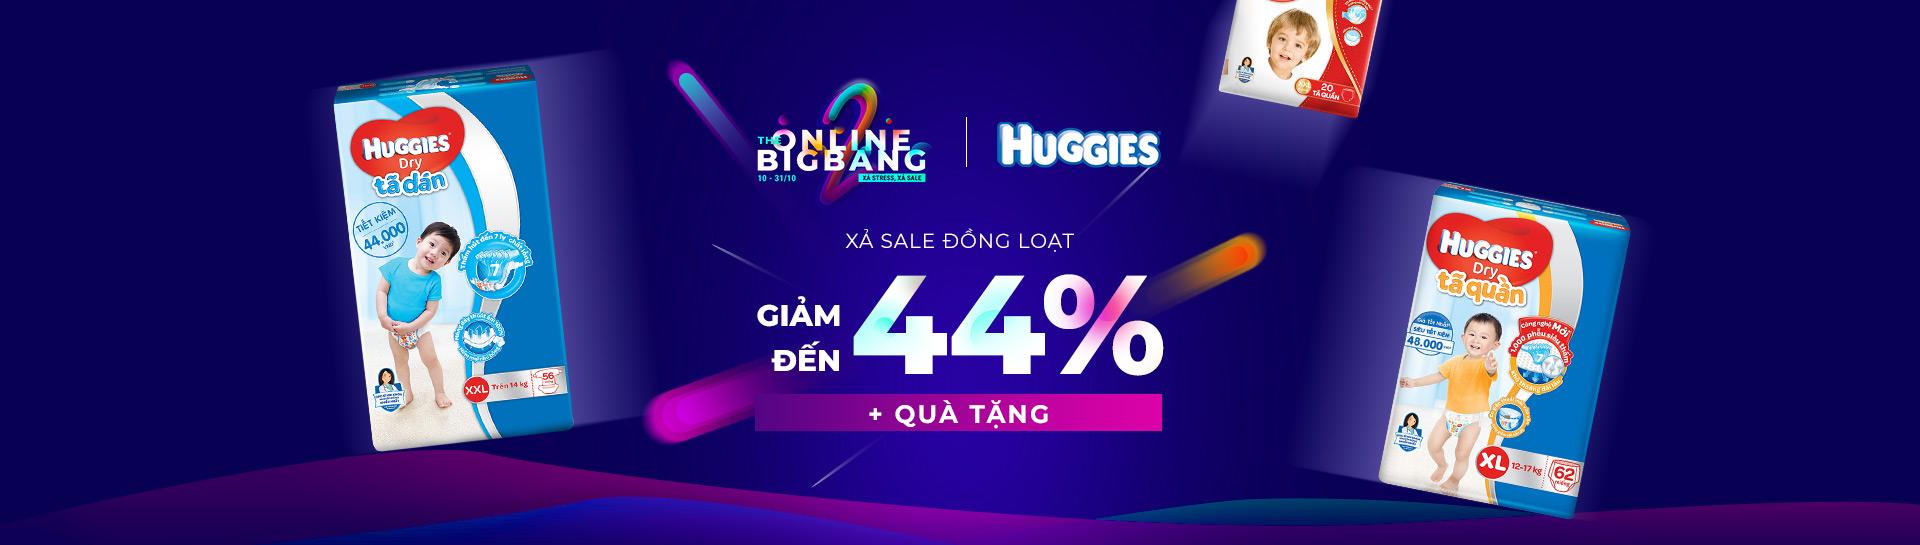 Hình ảnh Huggies - giảm đến 44%